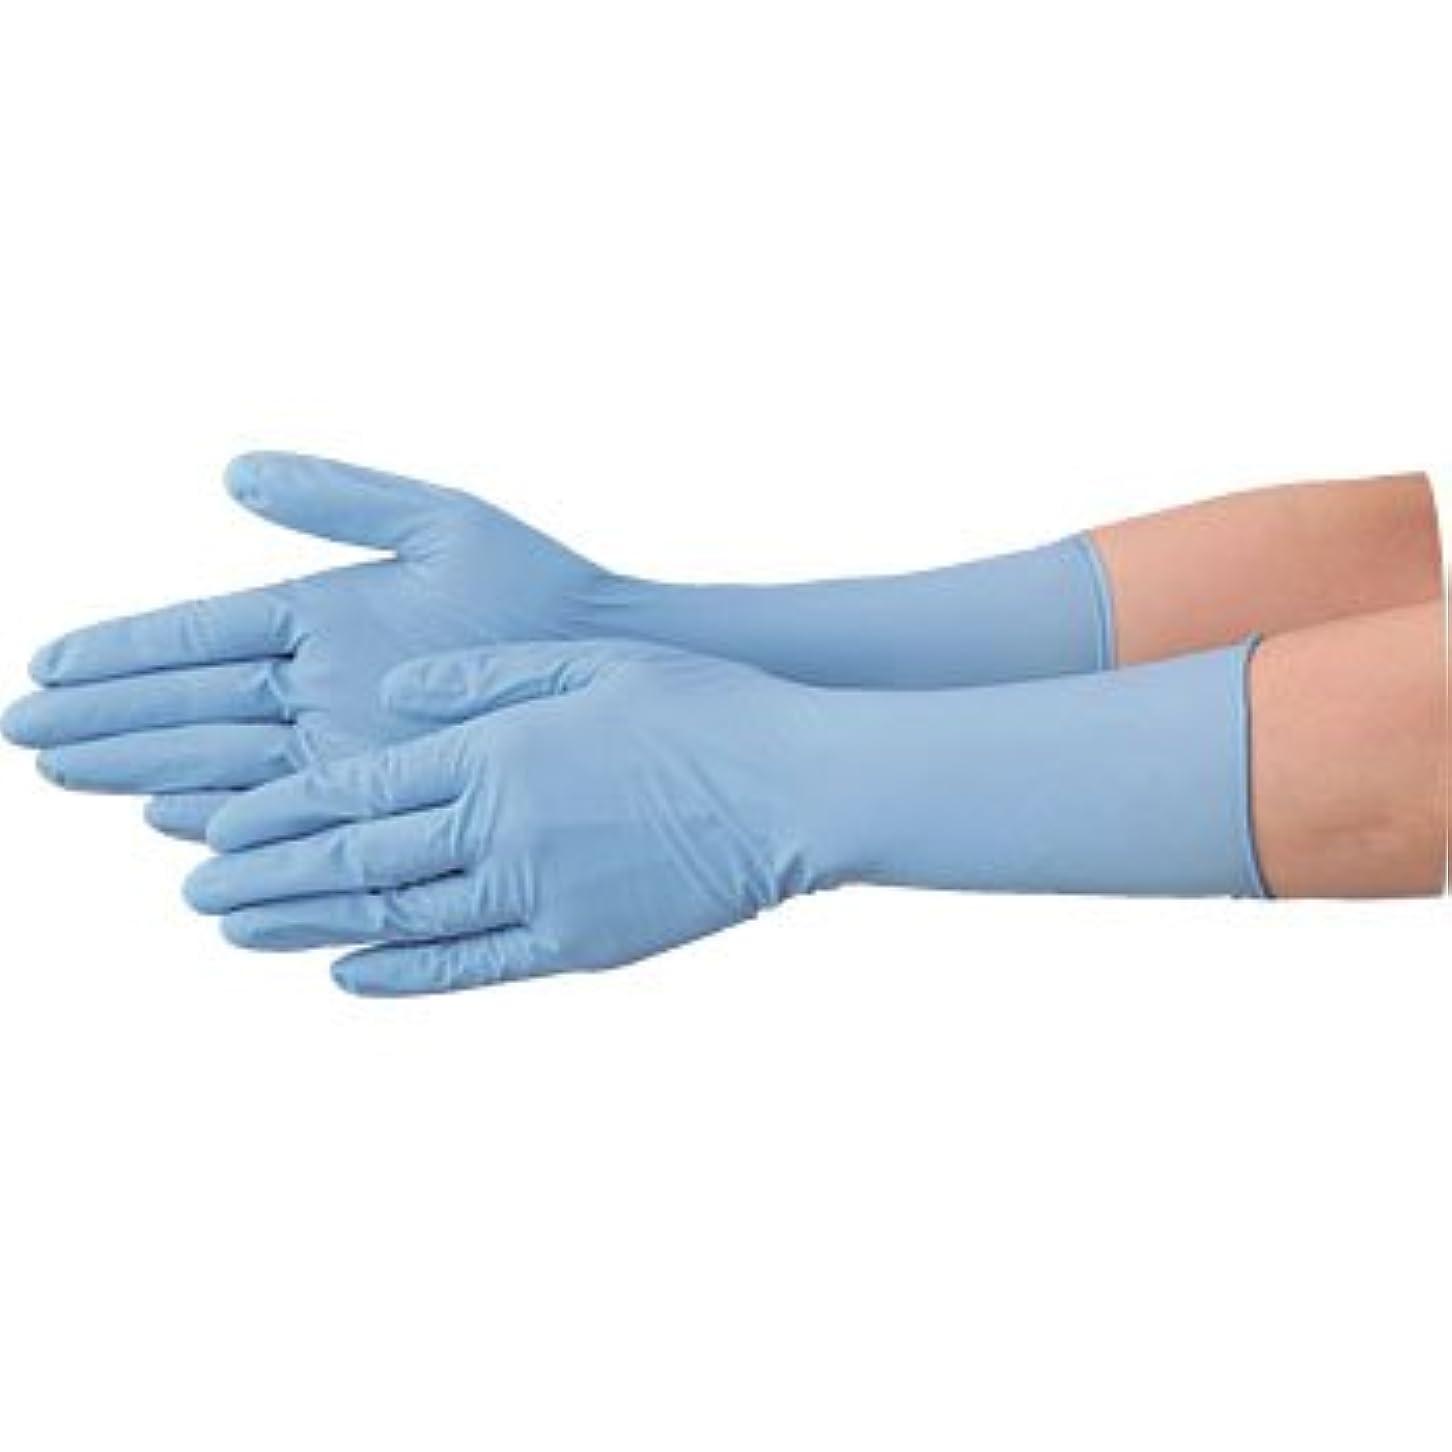 報奨金端延ばす使い捨て 手袋 エブノ 528 ニトリル ロング手袋 パウダーフリー 全長29cm ブルー Sサイズ 2ケース(100枚×40箱)